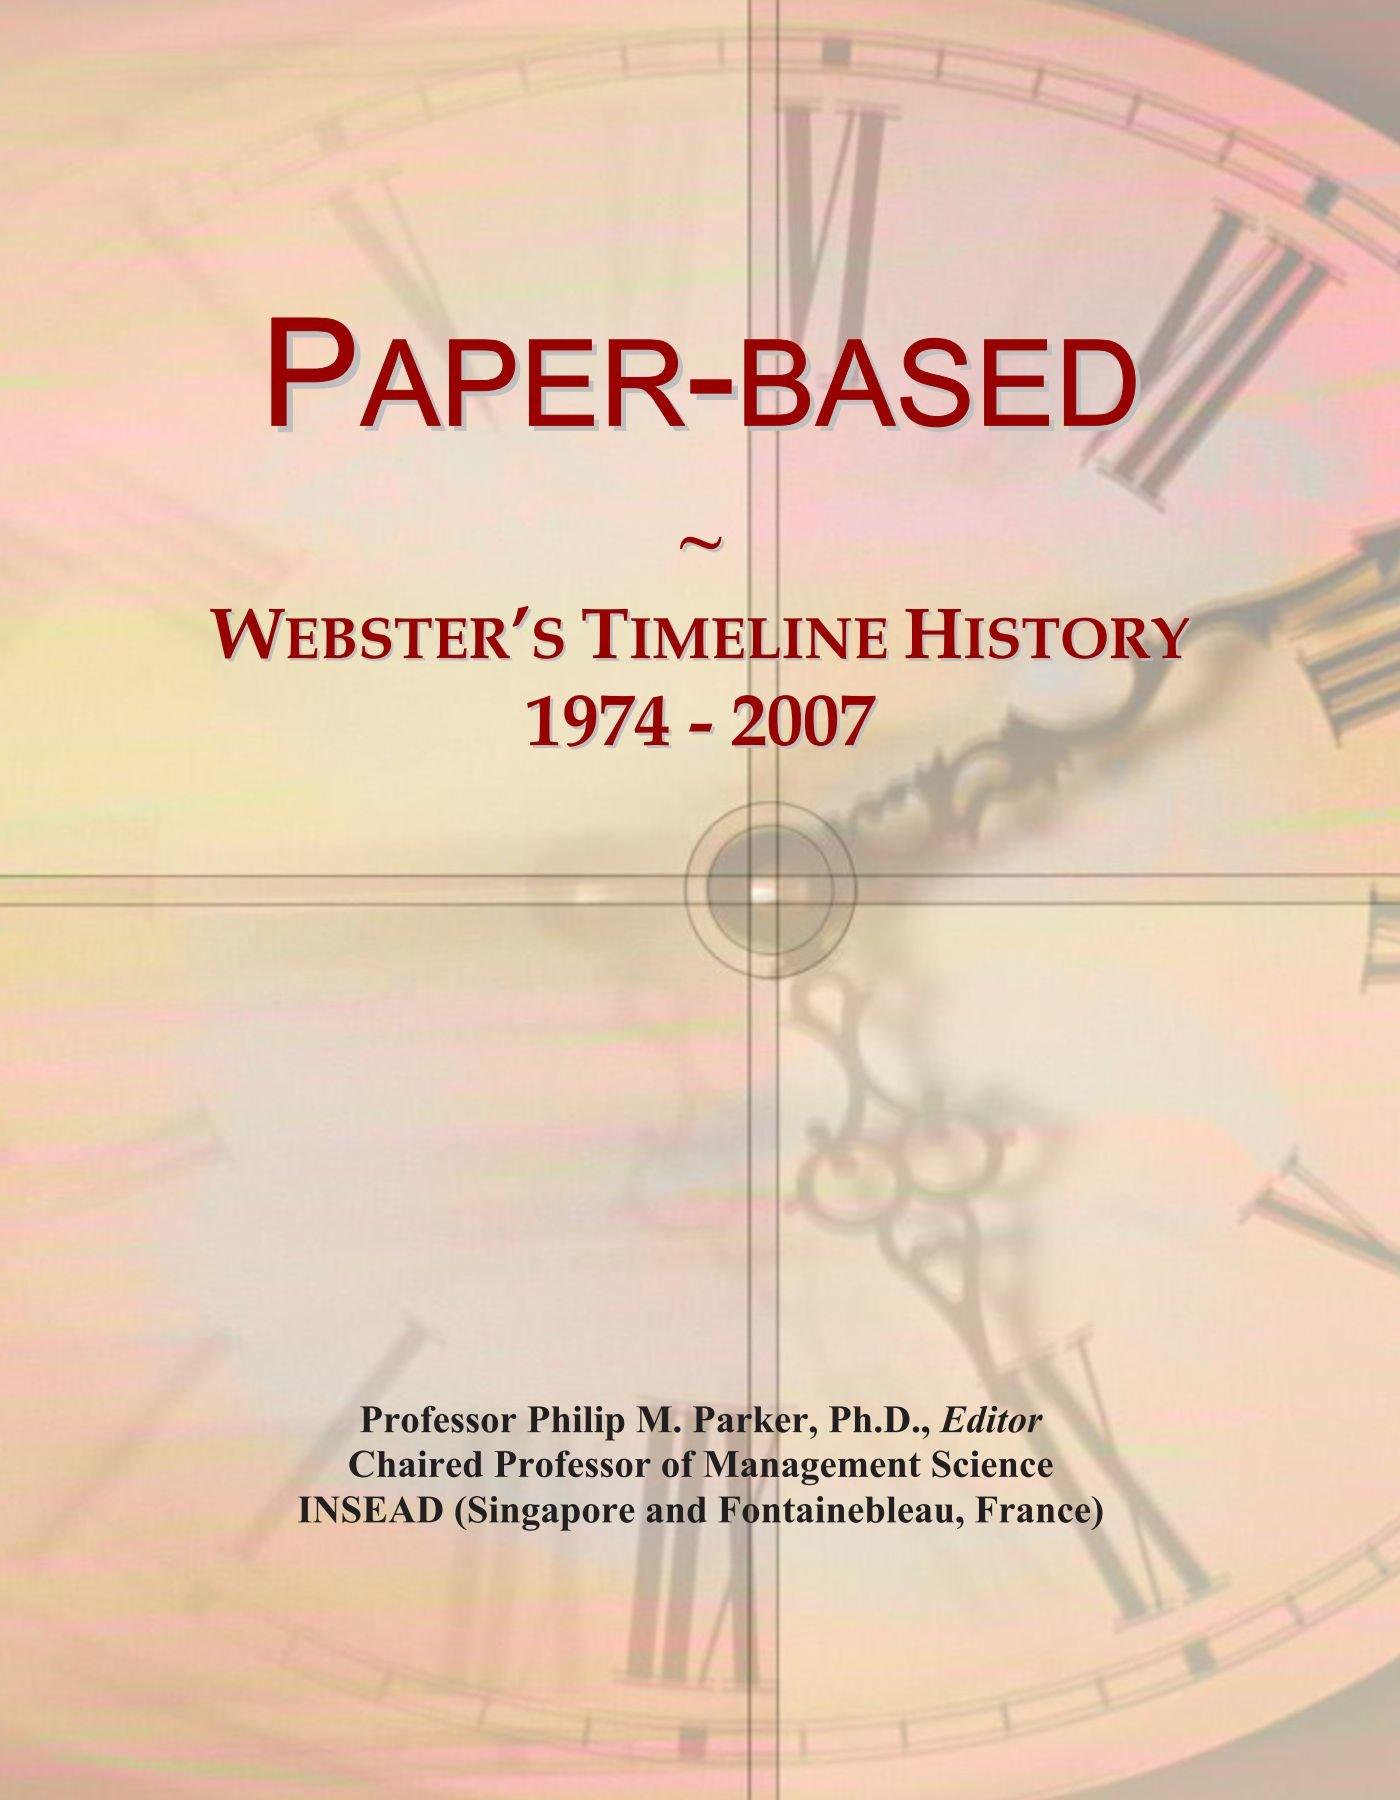 Paper-based: Webster's Timeline History, 1974 - 2007 ebook